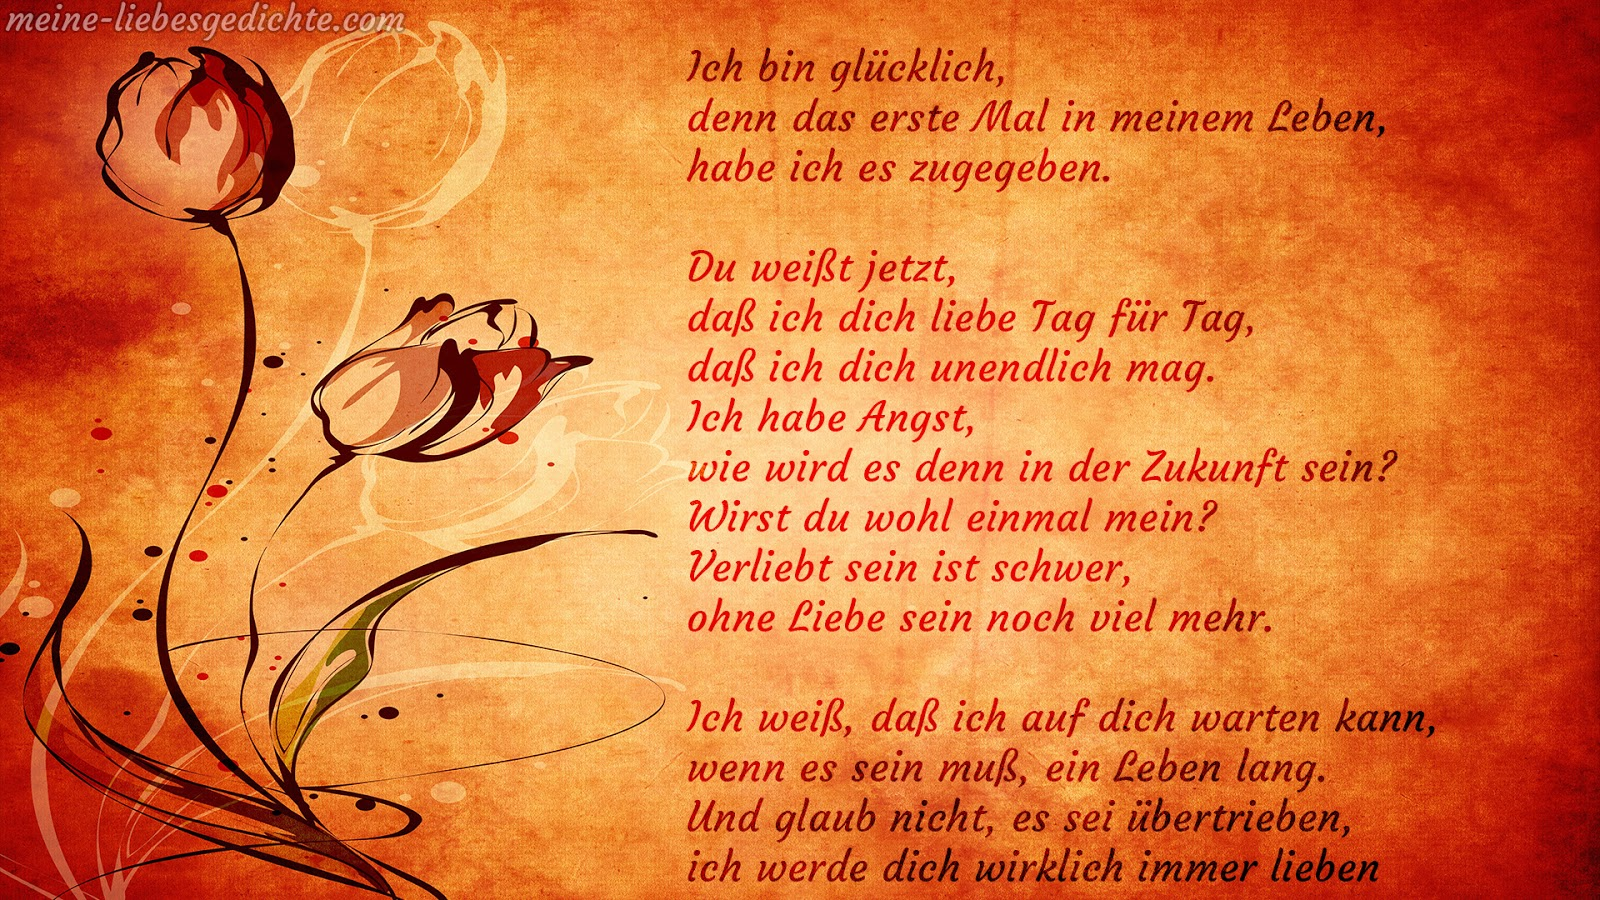 Hd Liebesgedichte Bilder: Liebesgedicht - Bilder